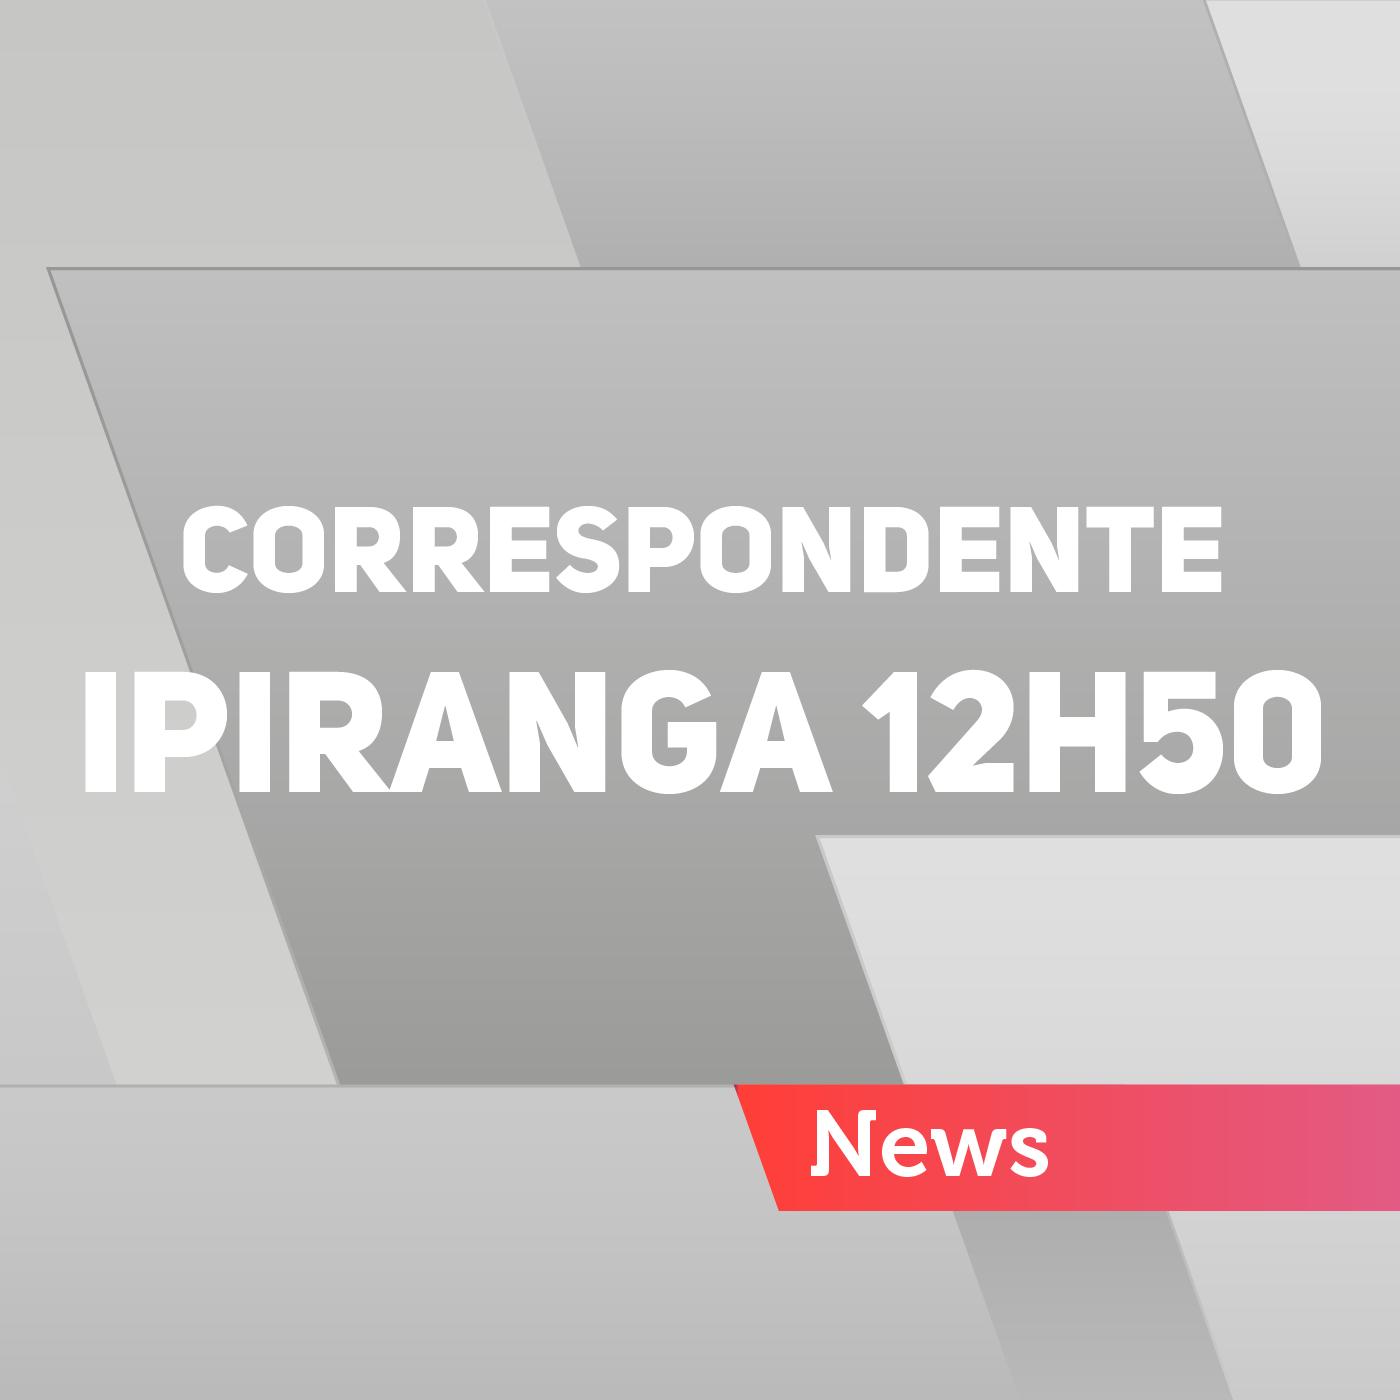 Correspondente ipiranga 12h50 21/10/2017